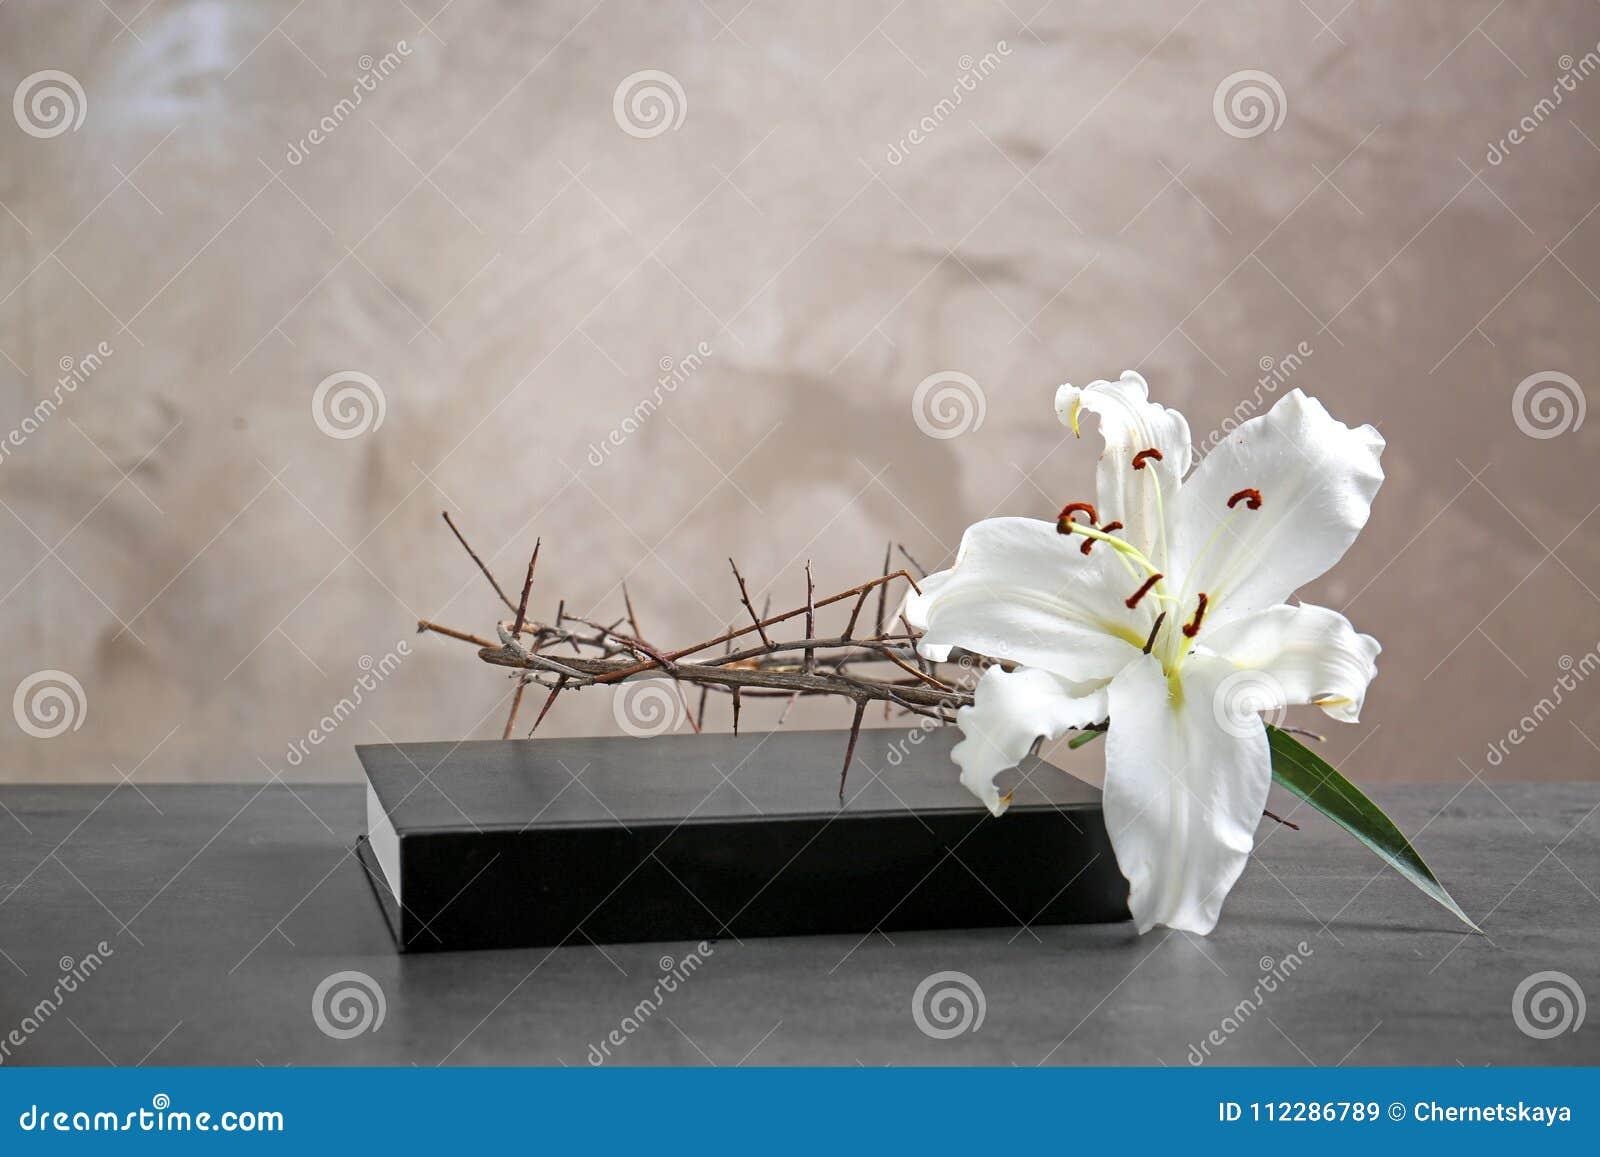 Coroa de espinhos, do lírio branco e da Bíblia Sagrada